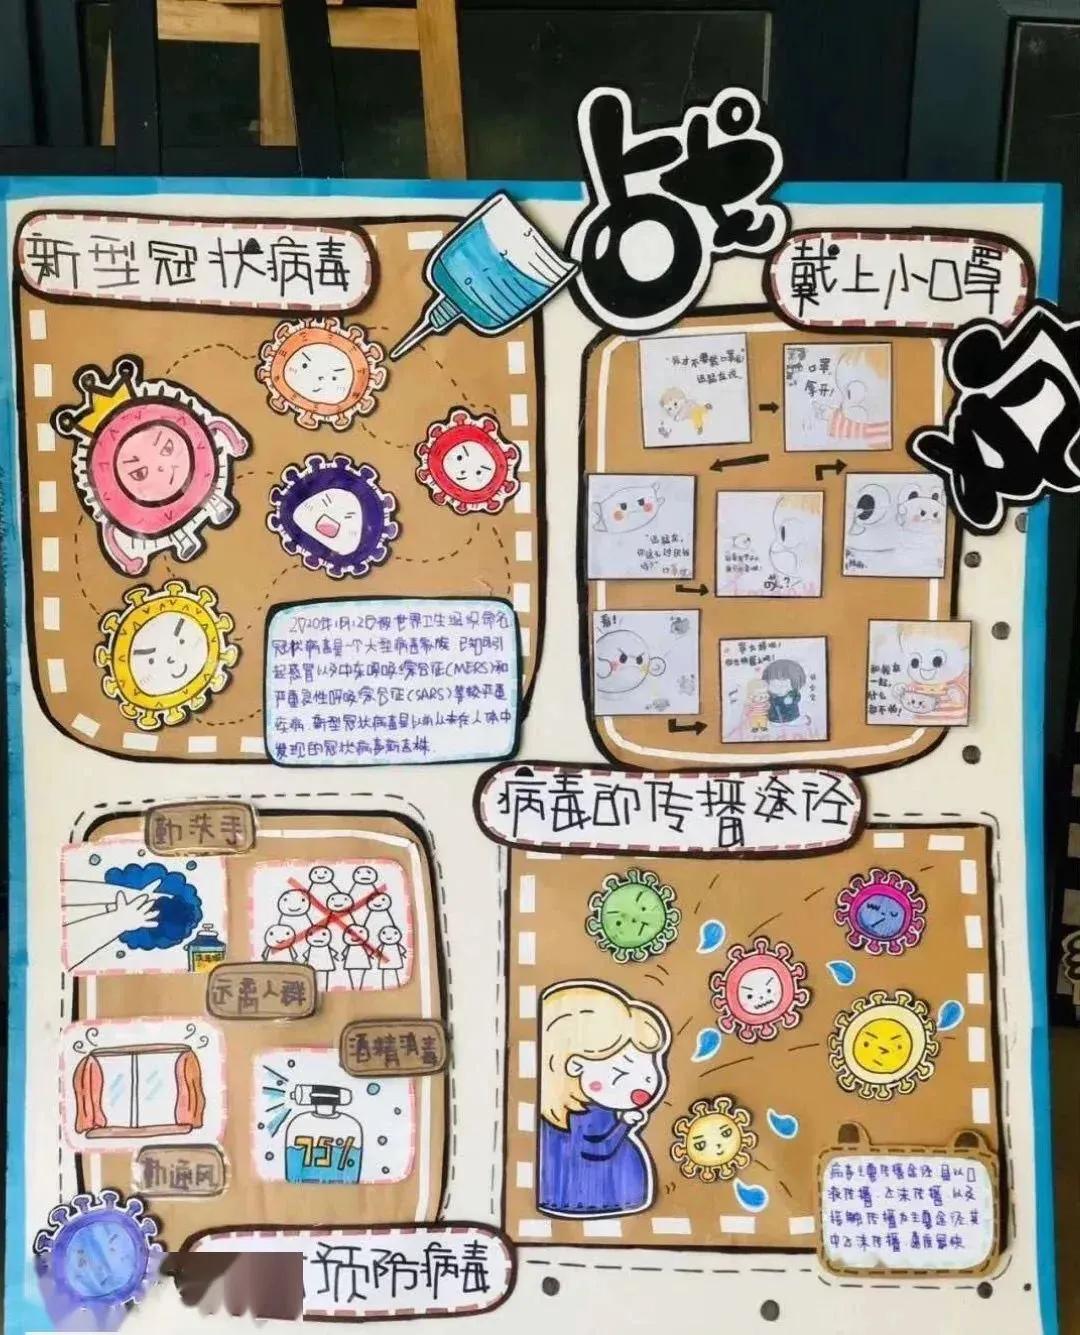 环创 | 防疫海报科普篇,让孩子更生动、更直观了解!